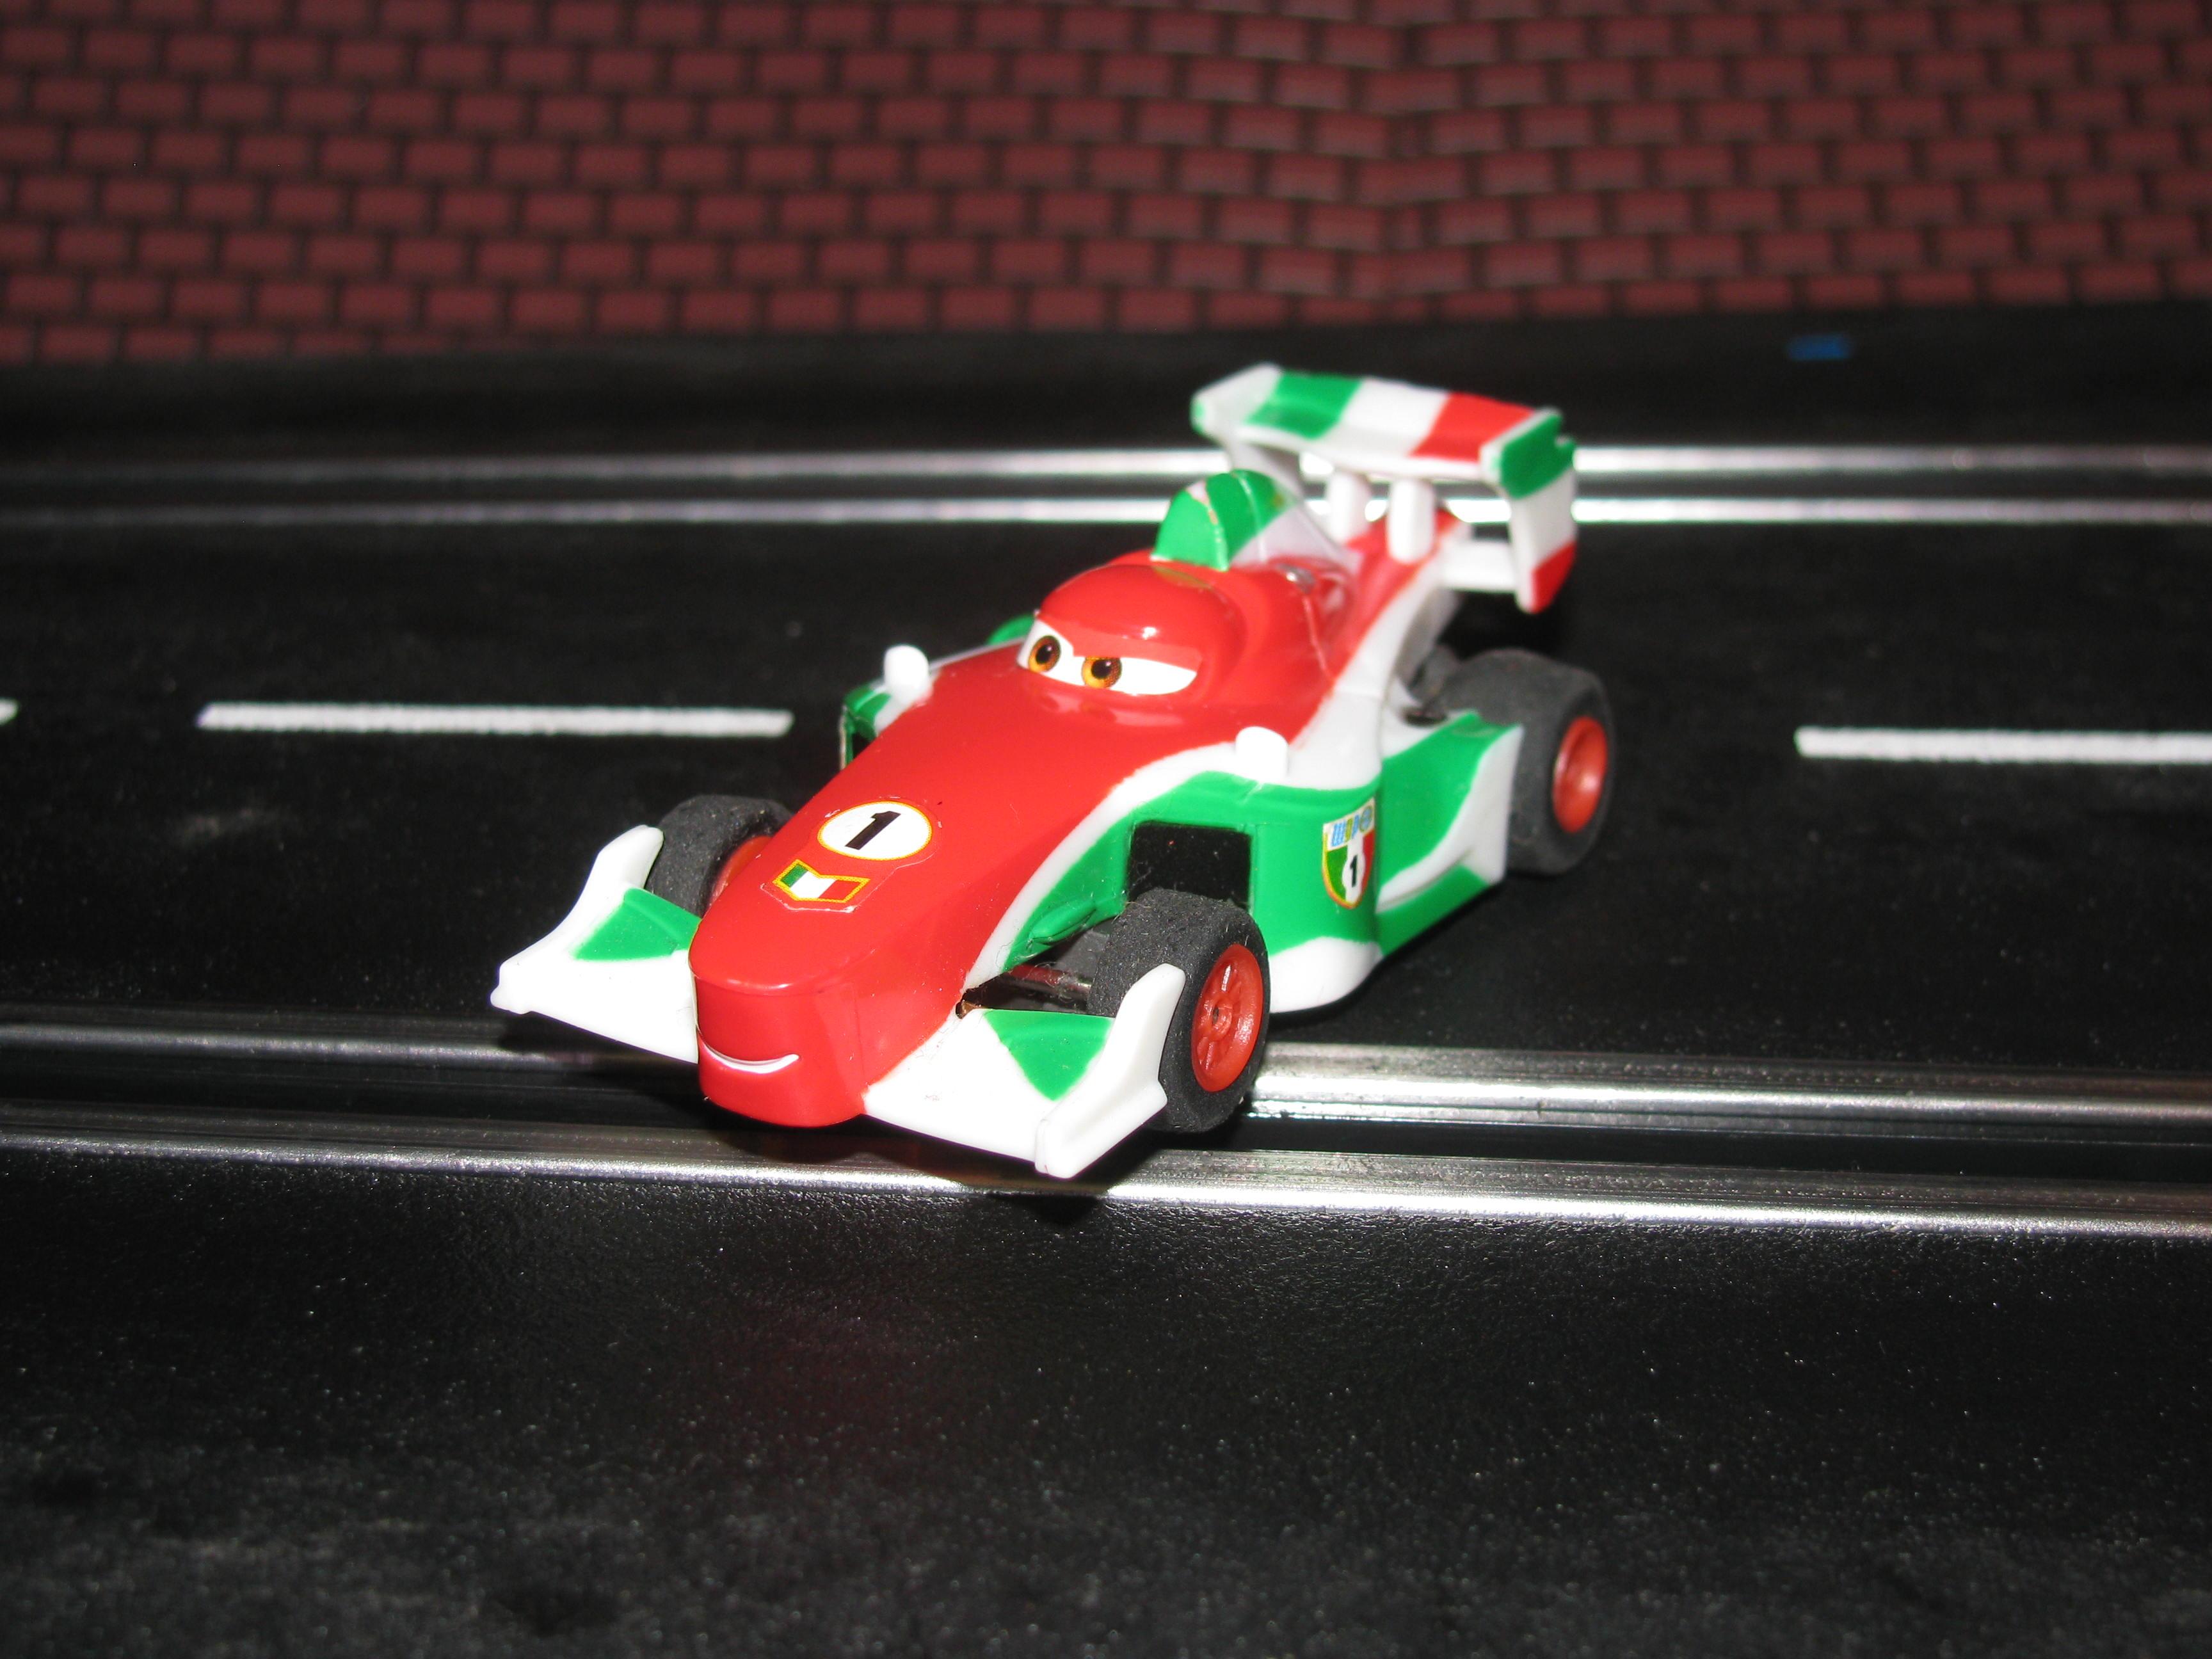 0 - SOLD - HO Formula One Slot Car #1 Francesco Bernoulli (Disney/Pixar) with Guide Post